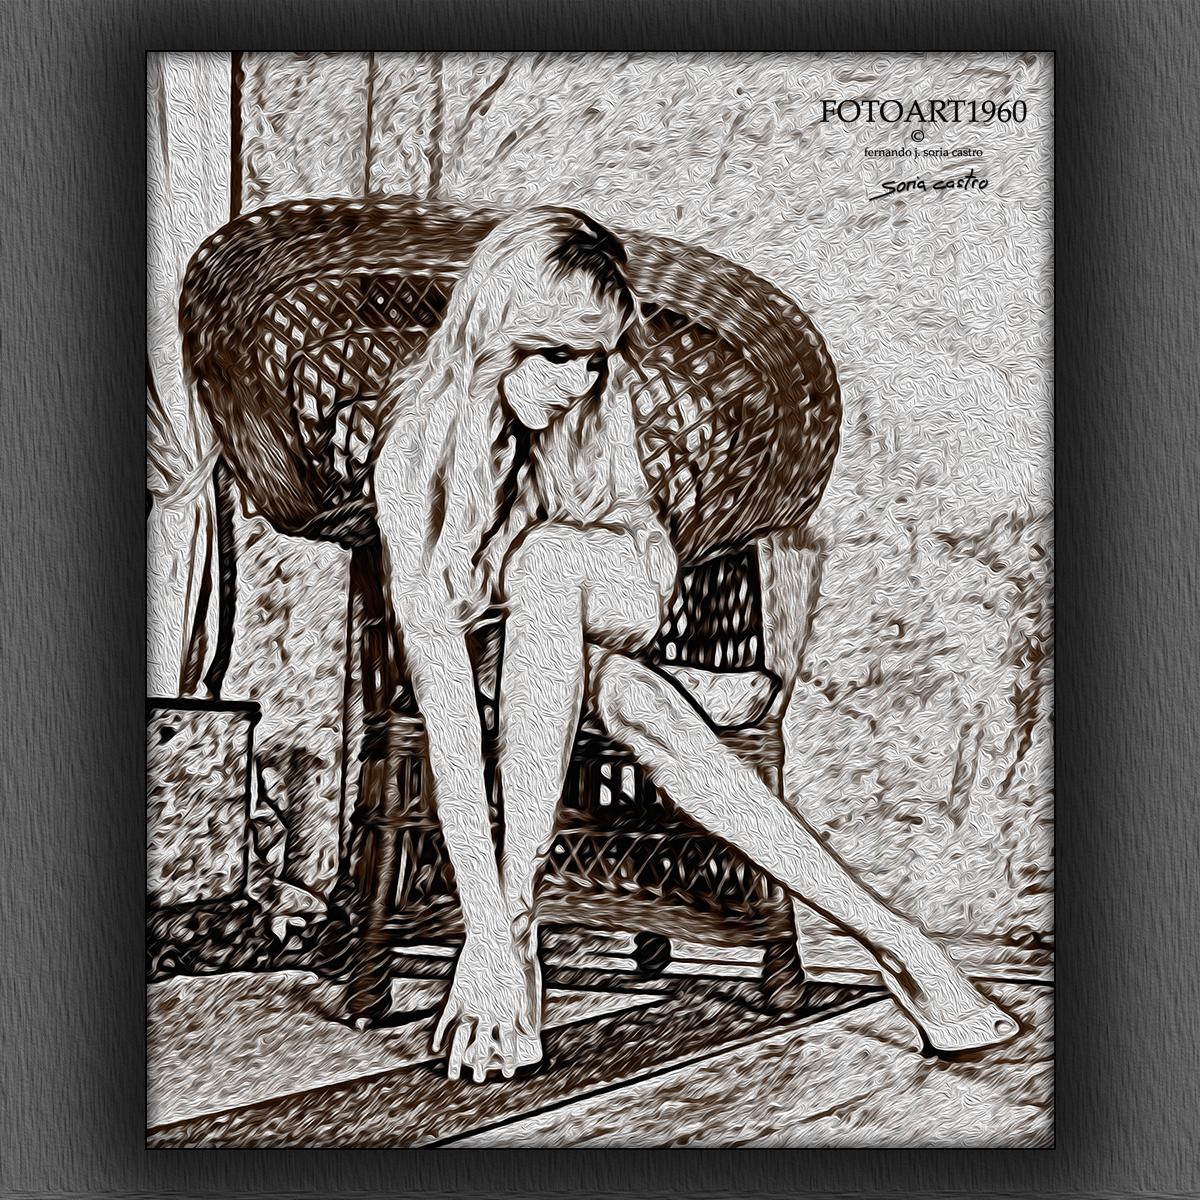 FOTOART1960 fer soria castro